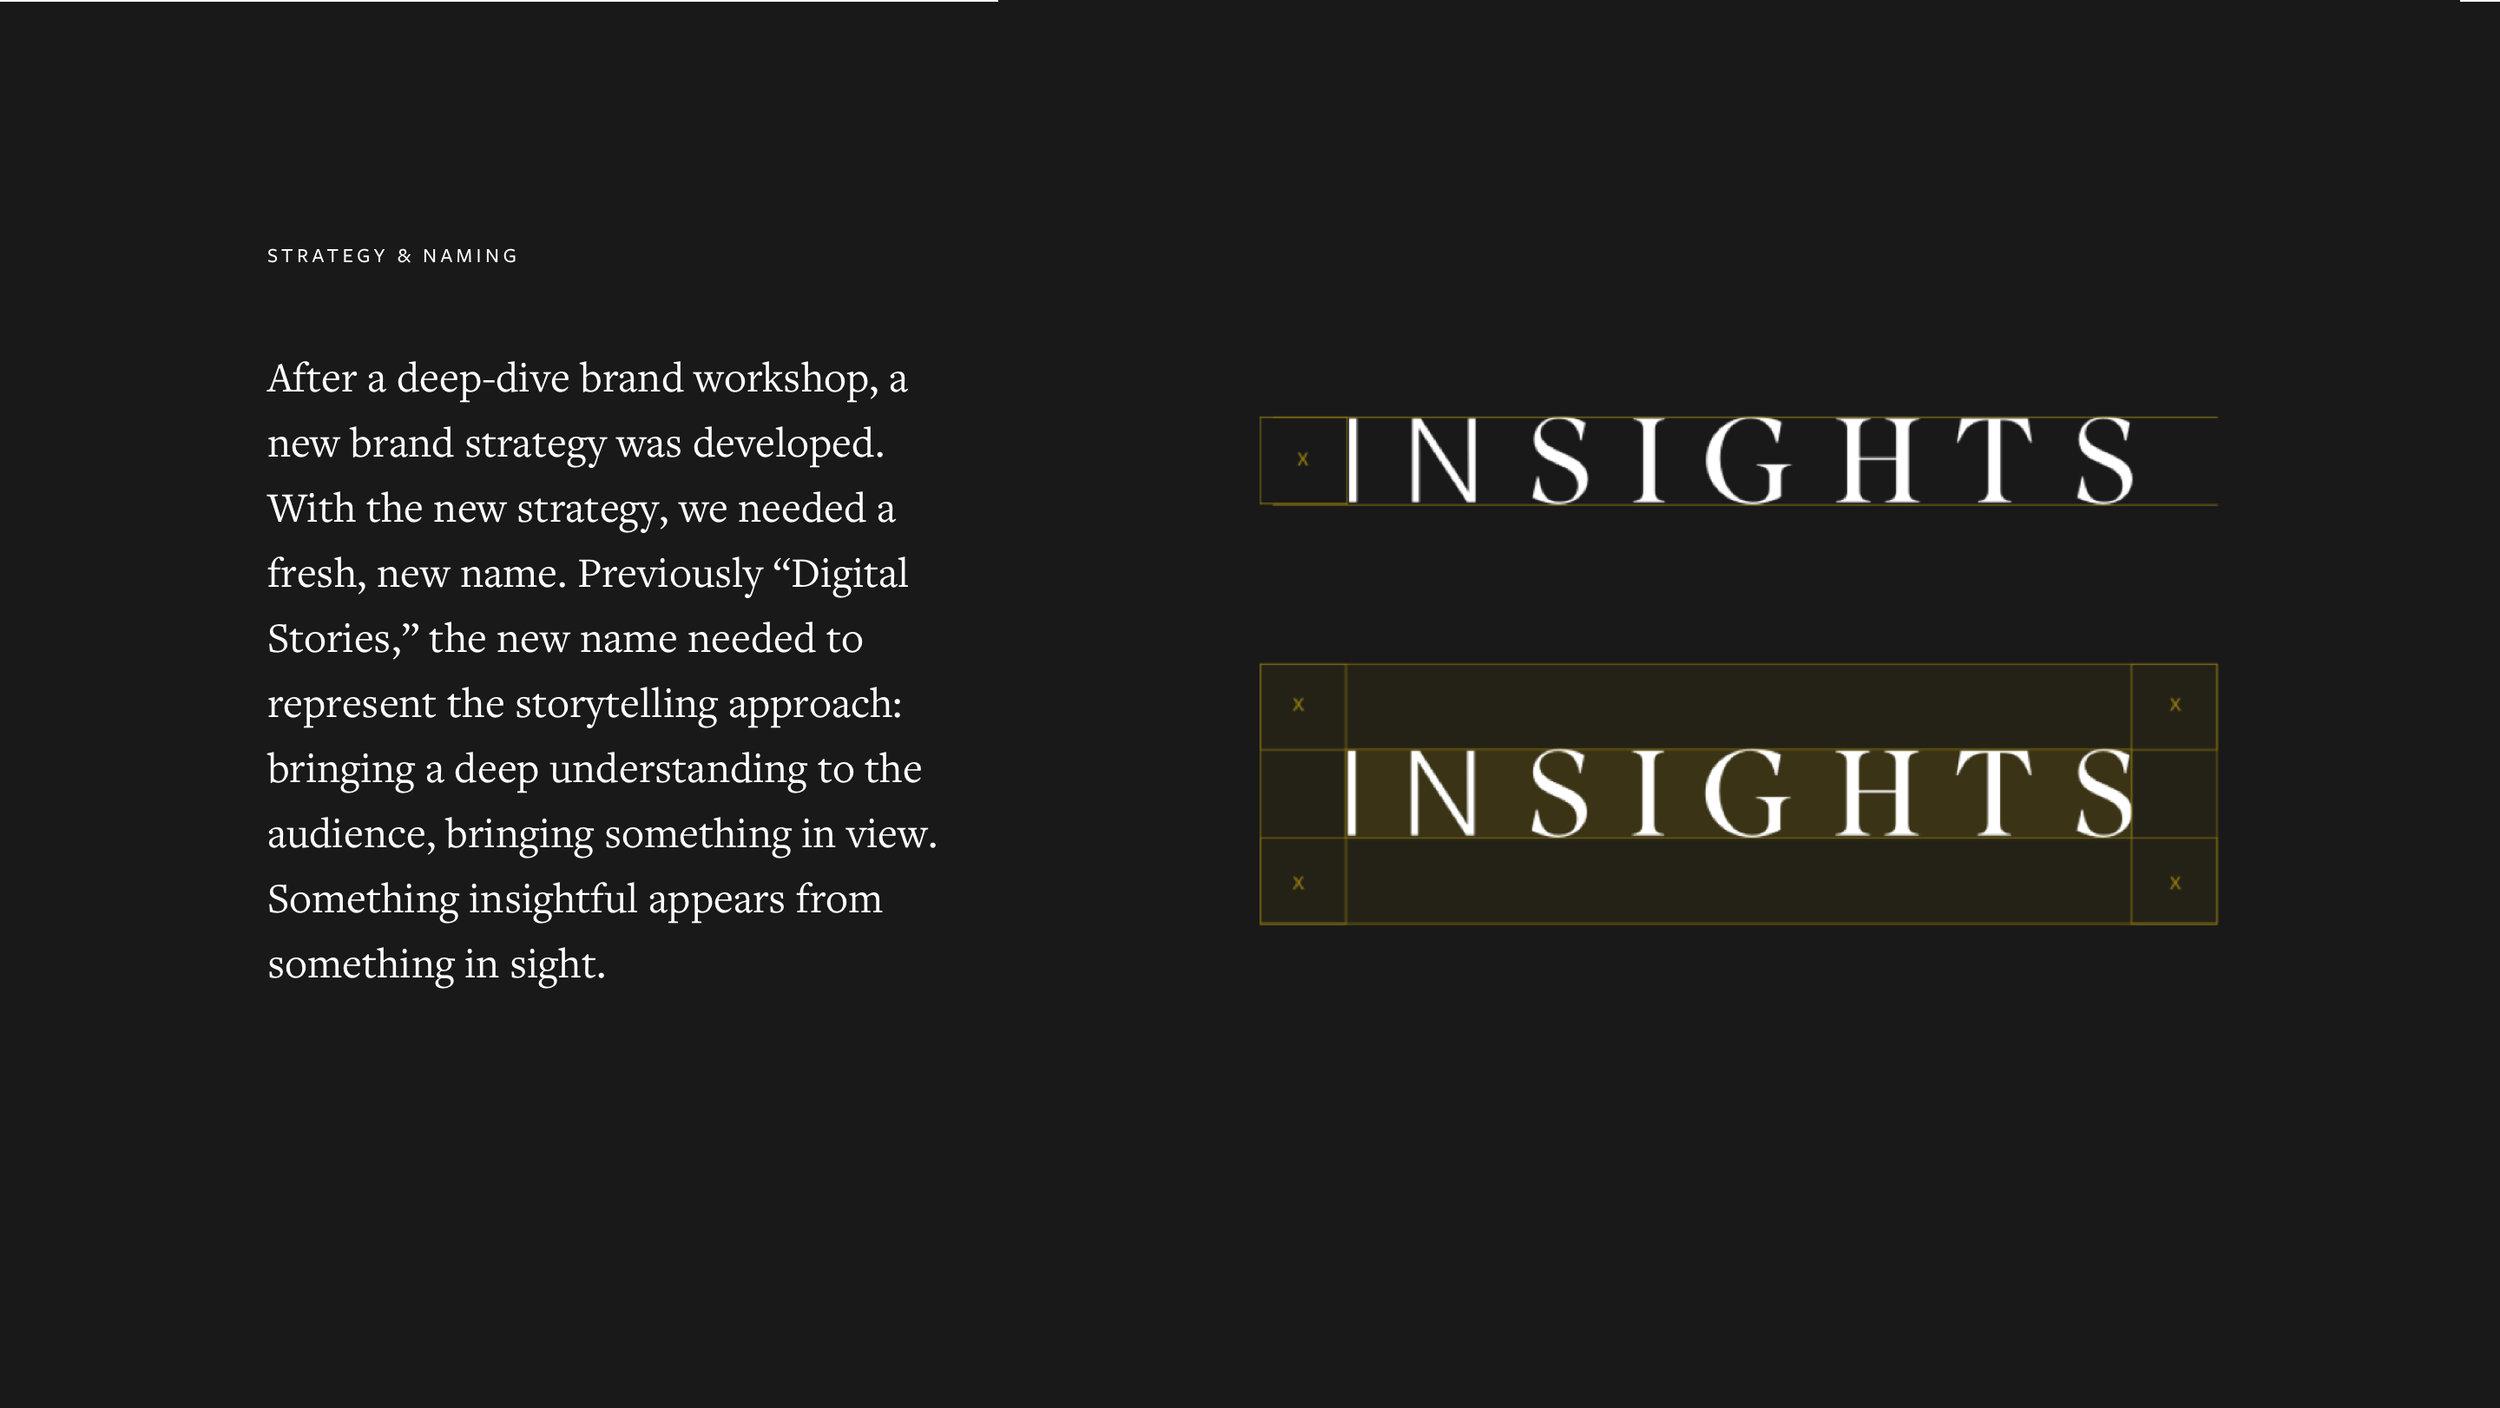 insights-1.jpg